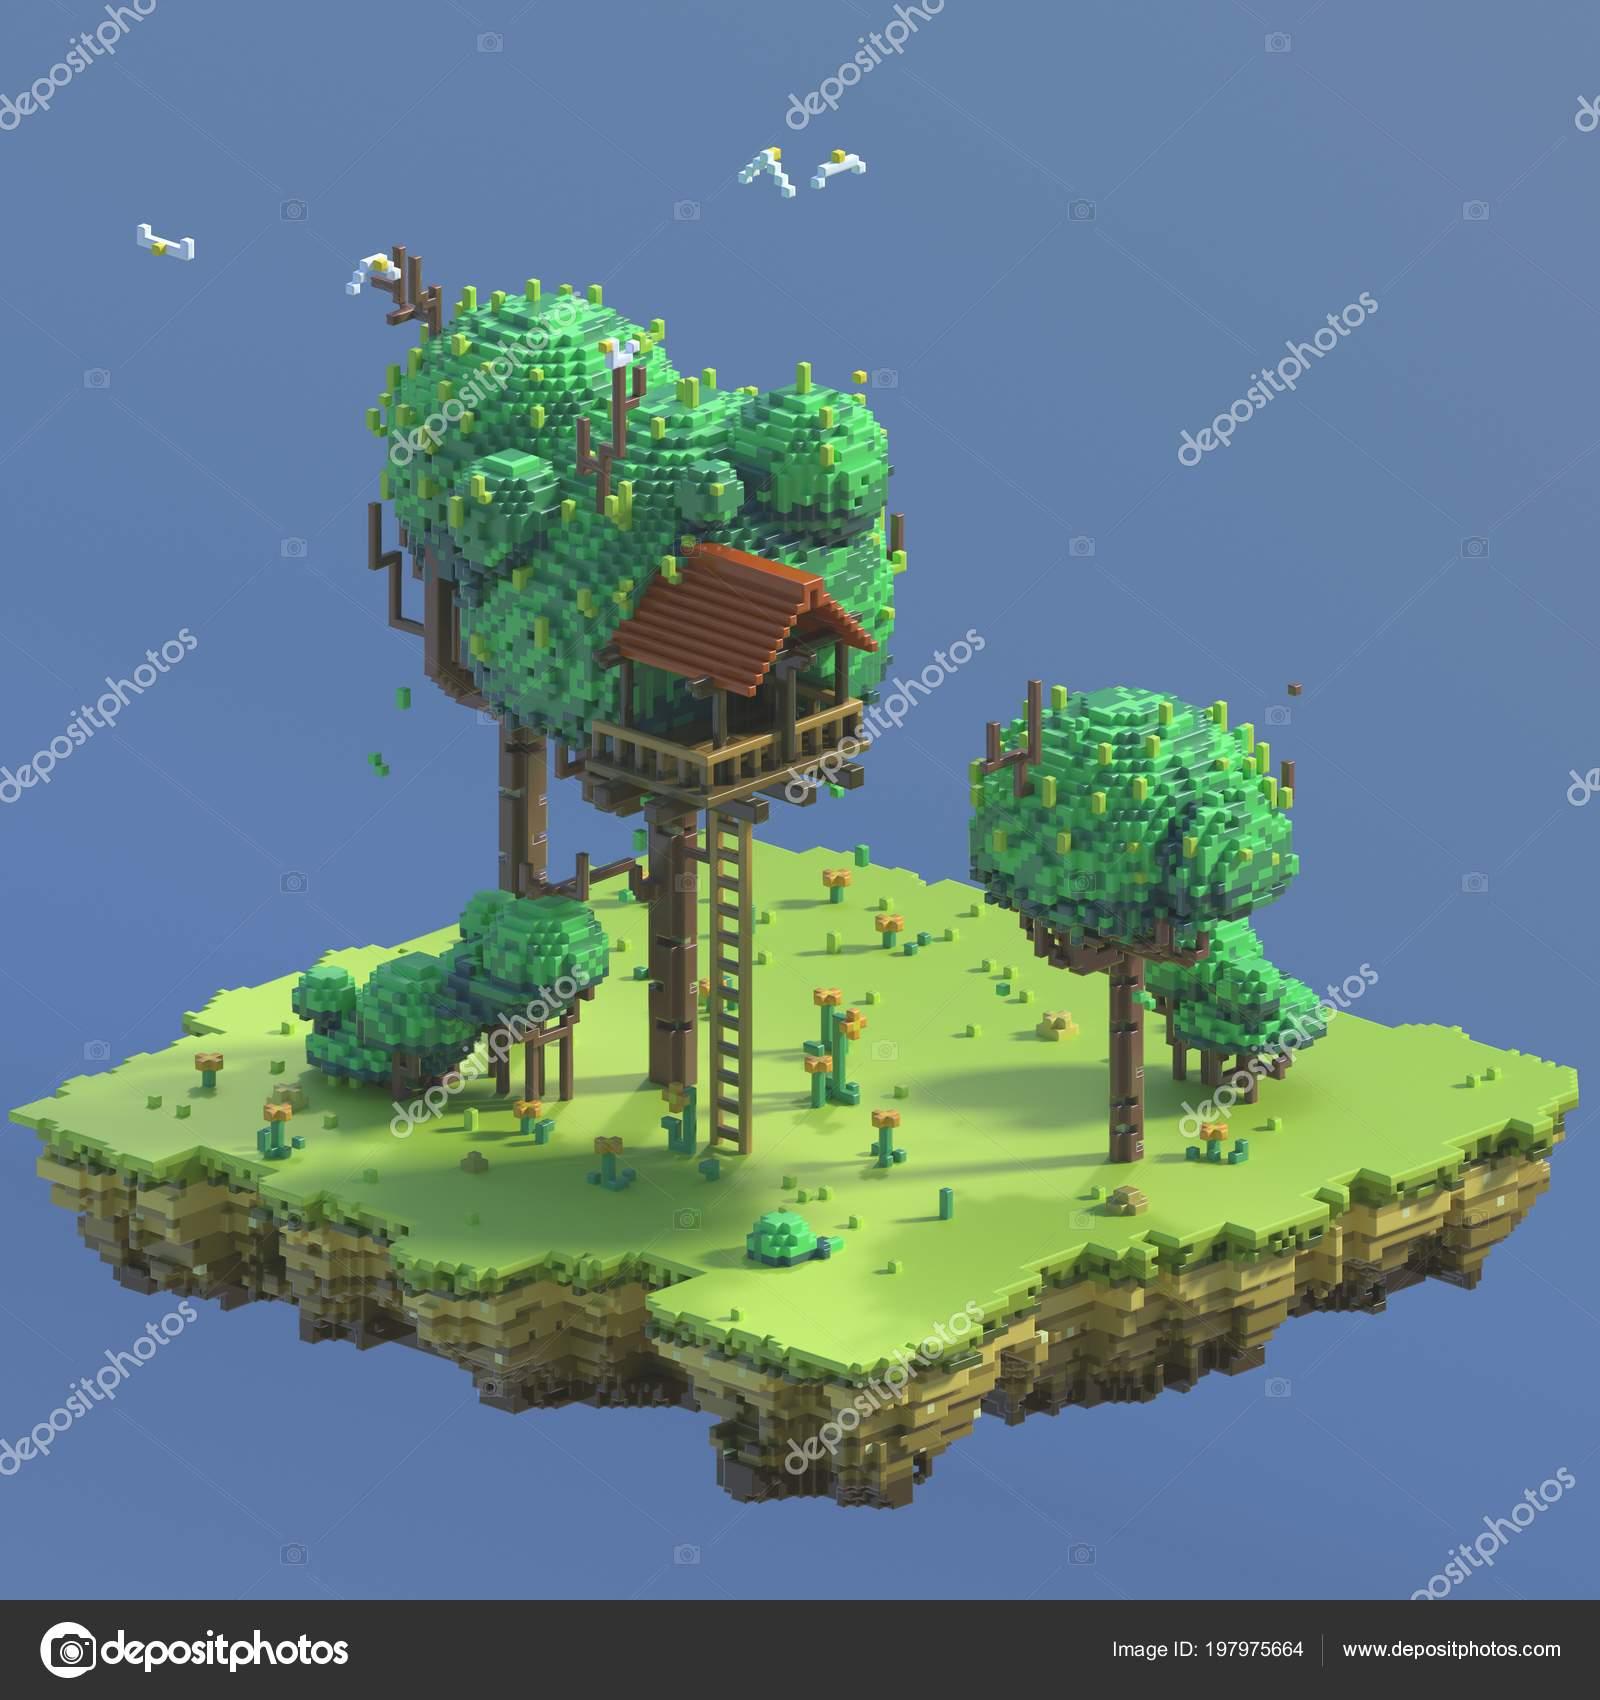 Rendering Pixel Art Nature Scene Ground